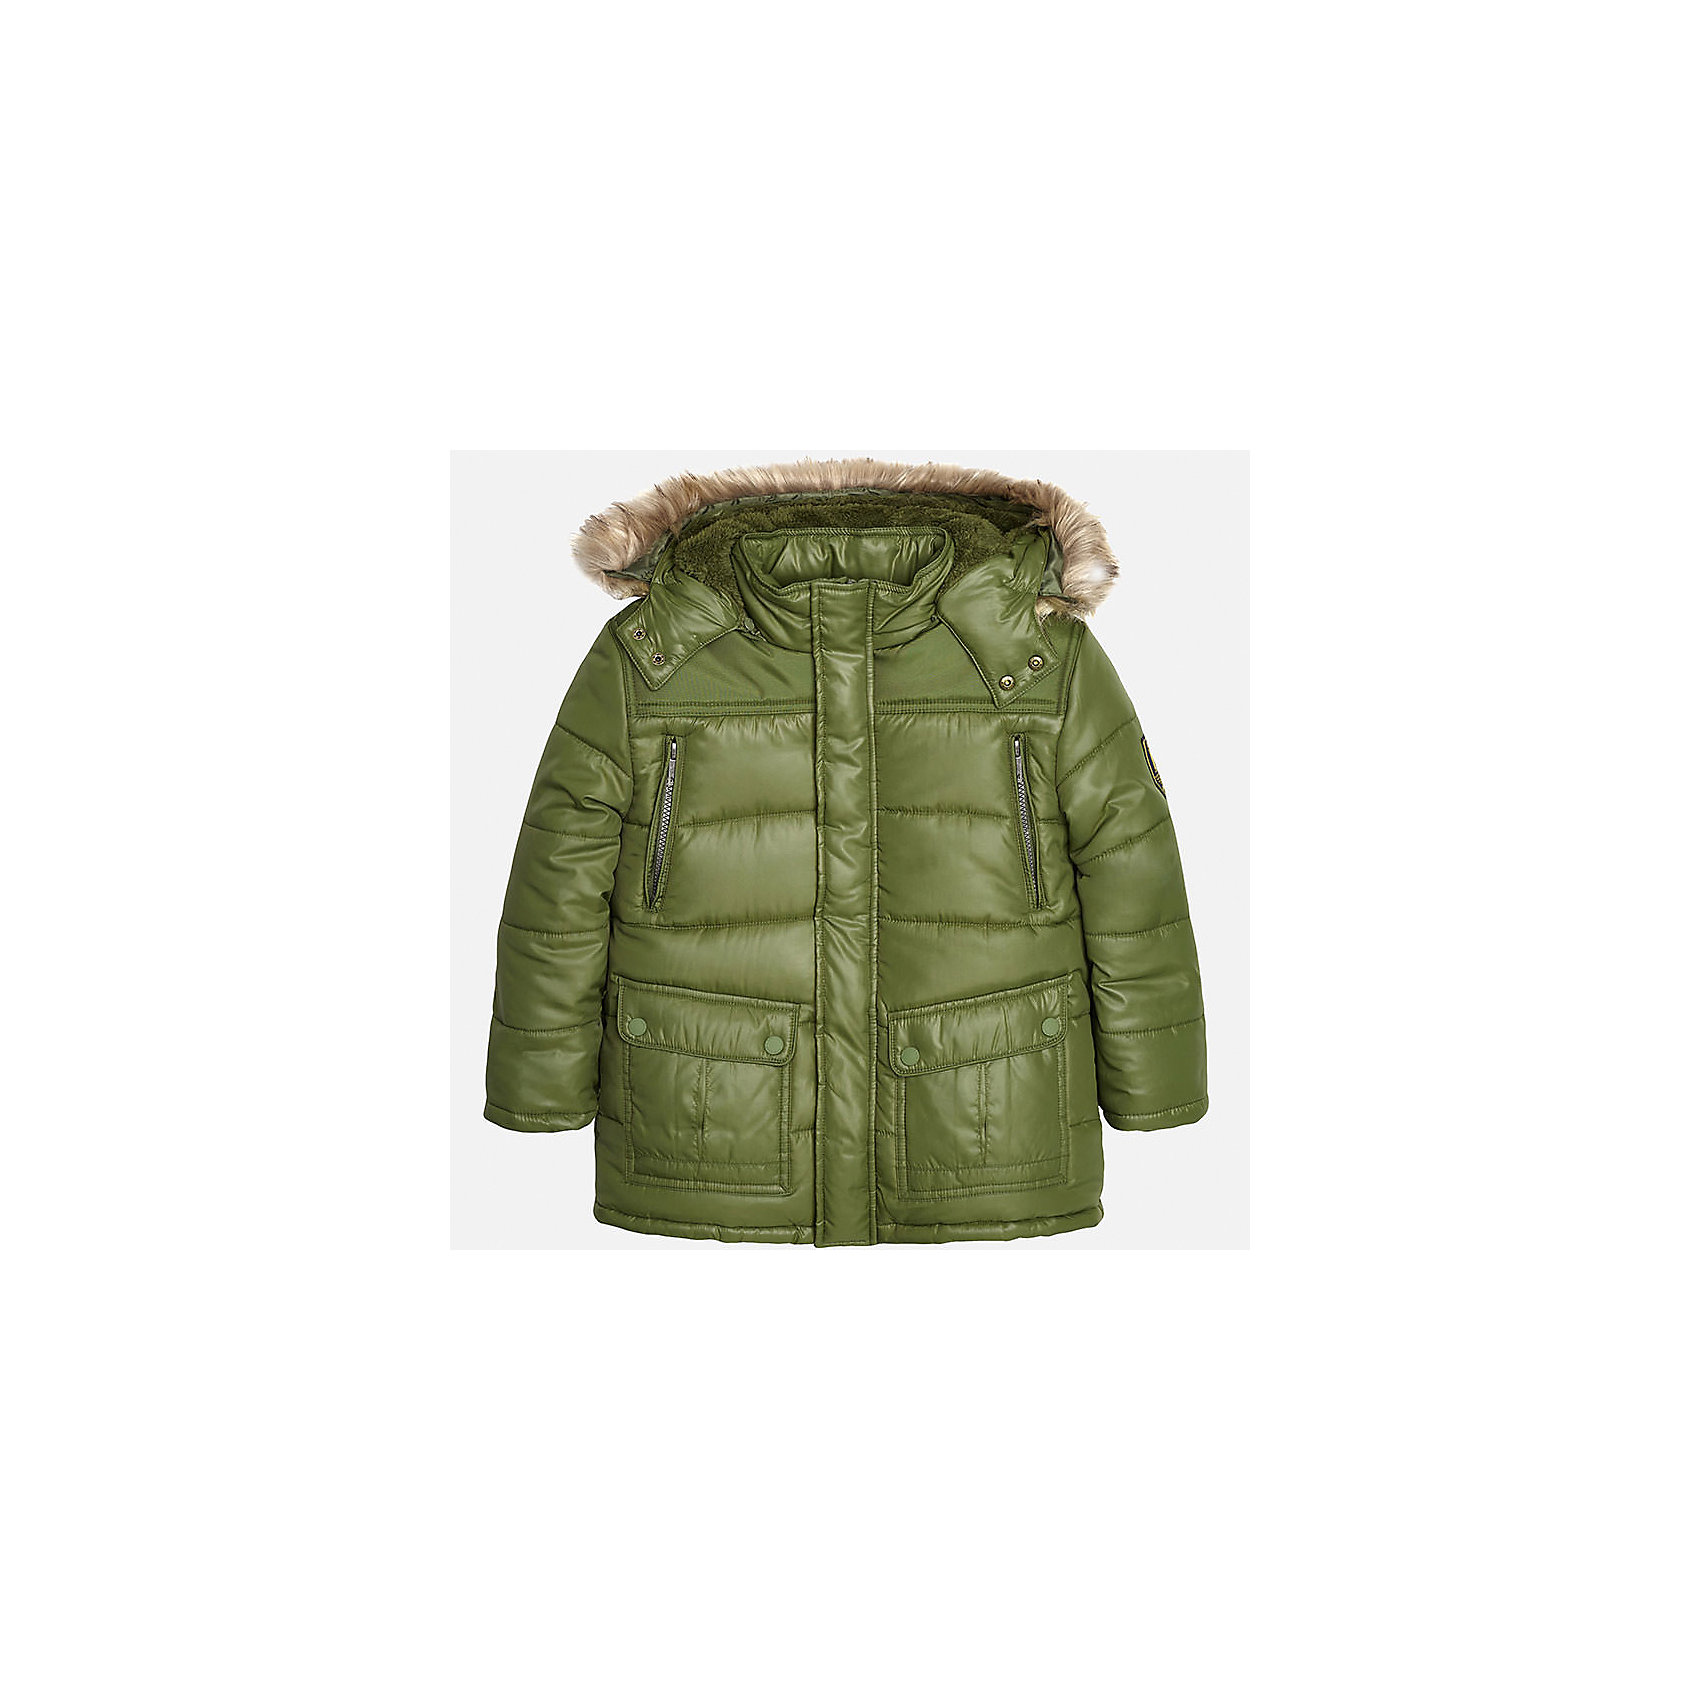 Куртка для мальчика MayoralВерхняя одежда<br>Теплая куртка для мальчика от популярного испанского бренда Mayoral(Майорал). Куртка очень удобная, изготовлена из материалов, отлично сохраняющих тепло. Есть капюшон с искусственным мехом, застегивается на кнопки. Куртка застегивается на молнию, есть 2 кармана на груди и 2 кармана по бокам.<br><br>Дополнительная информация:<br>Состав: 100% полиэстер<br>Цвет: зеленый<br>Куртку Mayoral(Майорал) можно купить в нашем интернет-магазине.<br><br>Ширина мм: 356<br>Глубина мм: 10<br>Высота мм: 245<br>Вес г: 519<br>Цвет: хаки<br>Возраст от месяцев: 96<br>Возраст до месяцев: 108<br>Пол: Мужской<br>Возраст: Детский<br>Размер: 128/134,146/152,140/146,152/158,158/164,164/170<br>SKU: 4827134